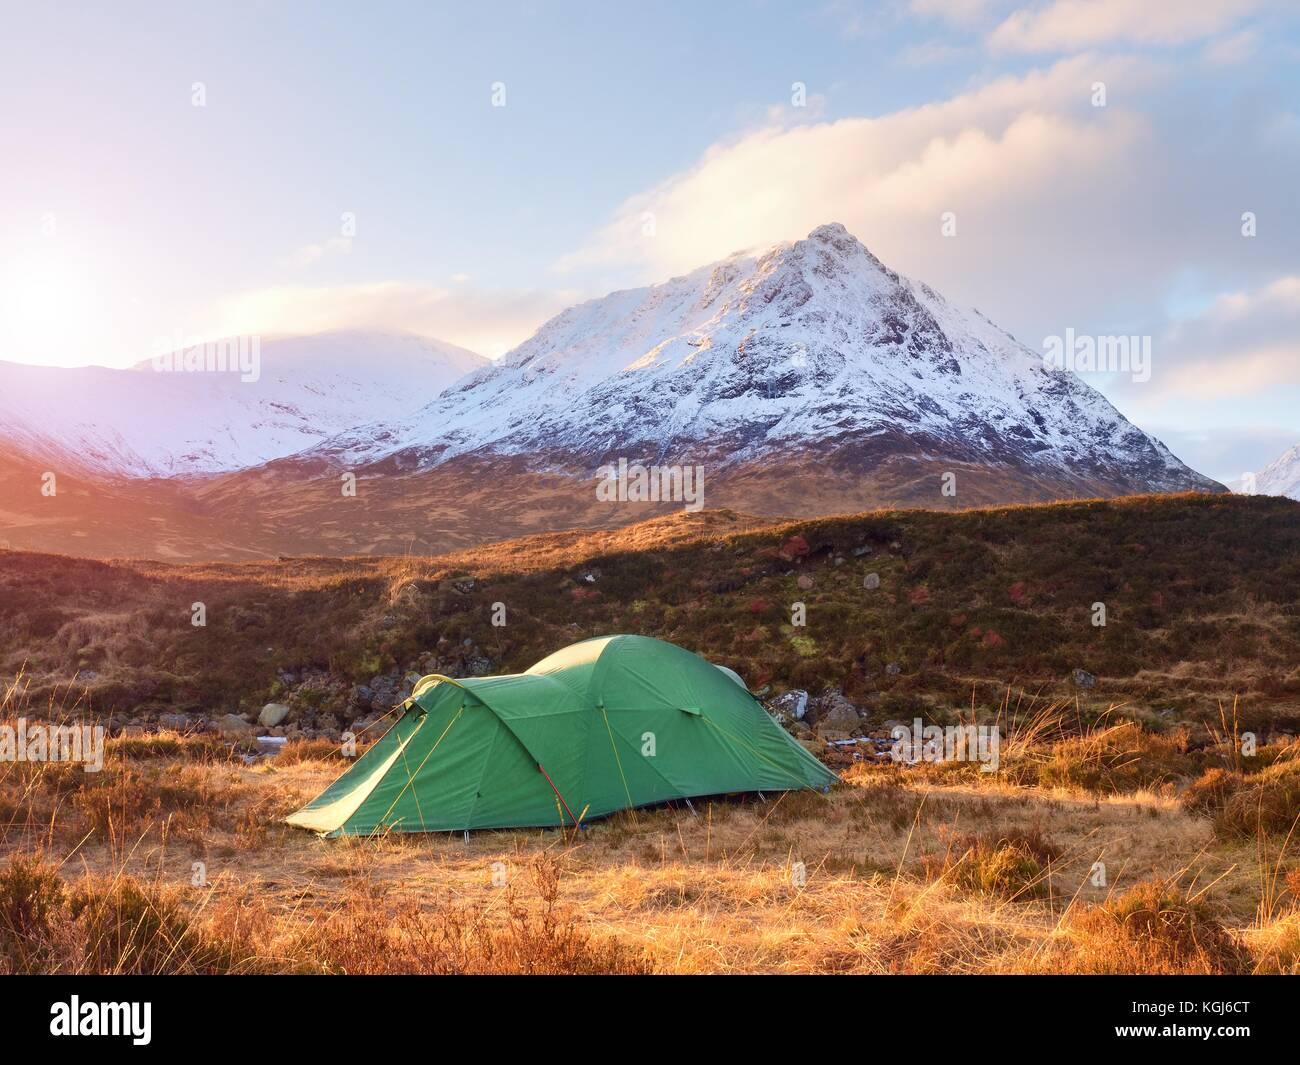 Grüne touristischen Zelt auf der Wiese am Fluss unter schneebedeckten Kegel von Berg Stob Dearg 1021 Meter Stockbild